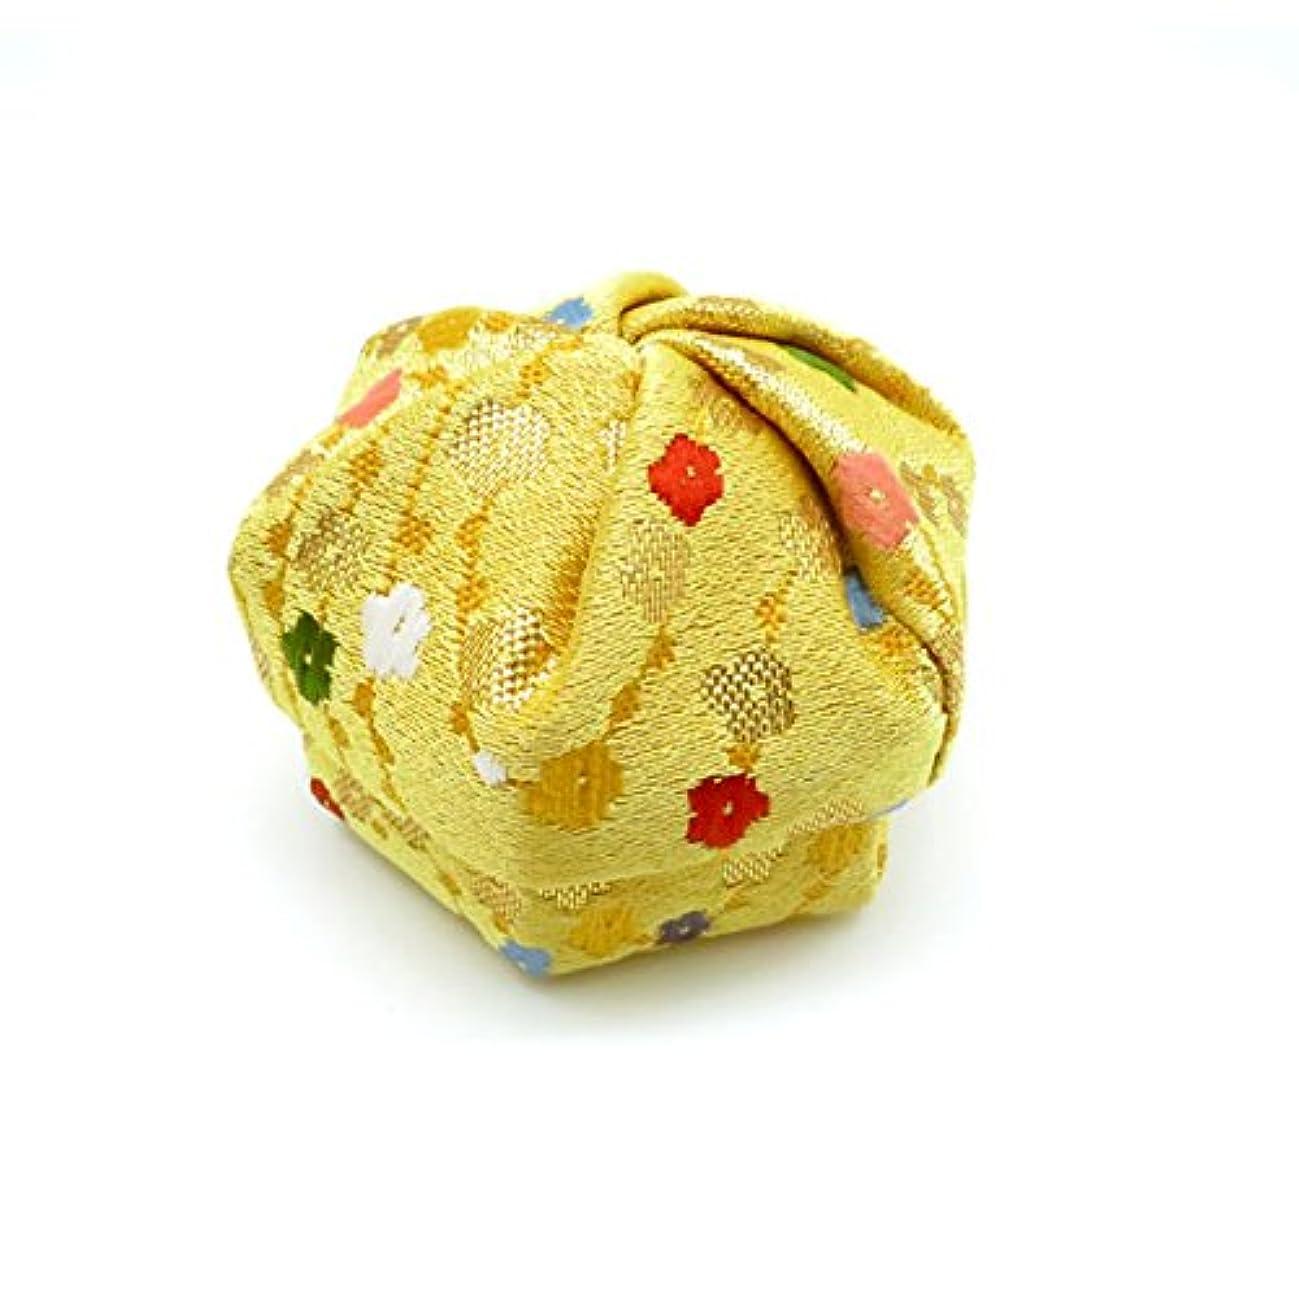 目立つ雑草海峡ひも布香盒 黄系 紙箱入